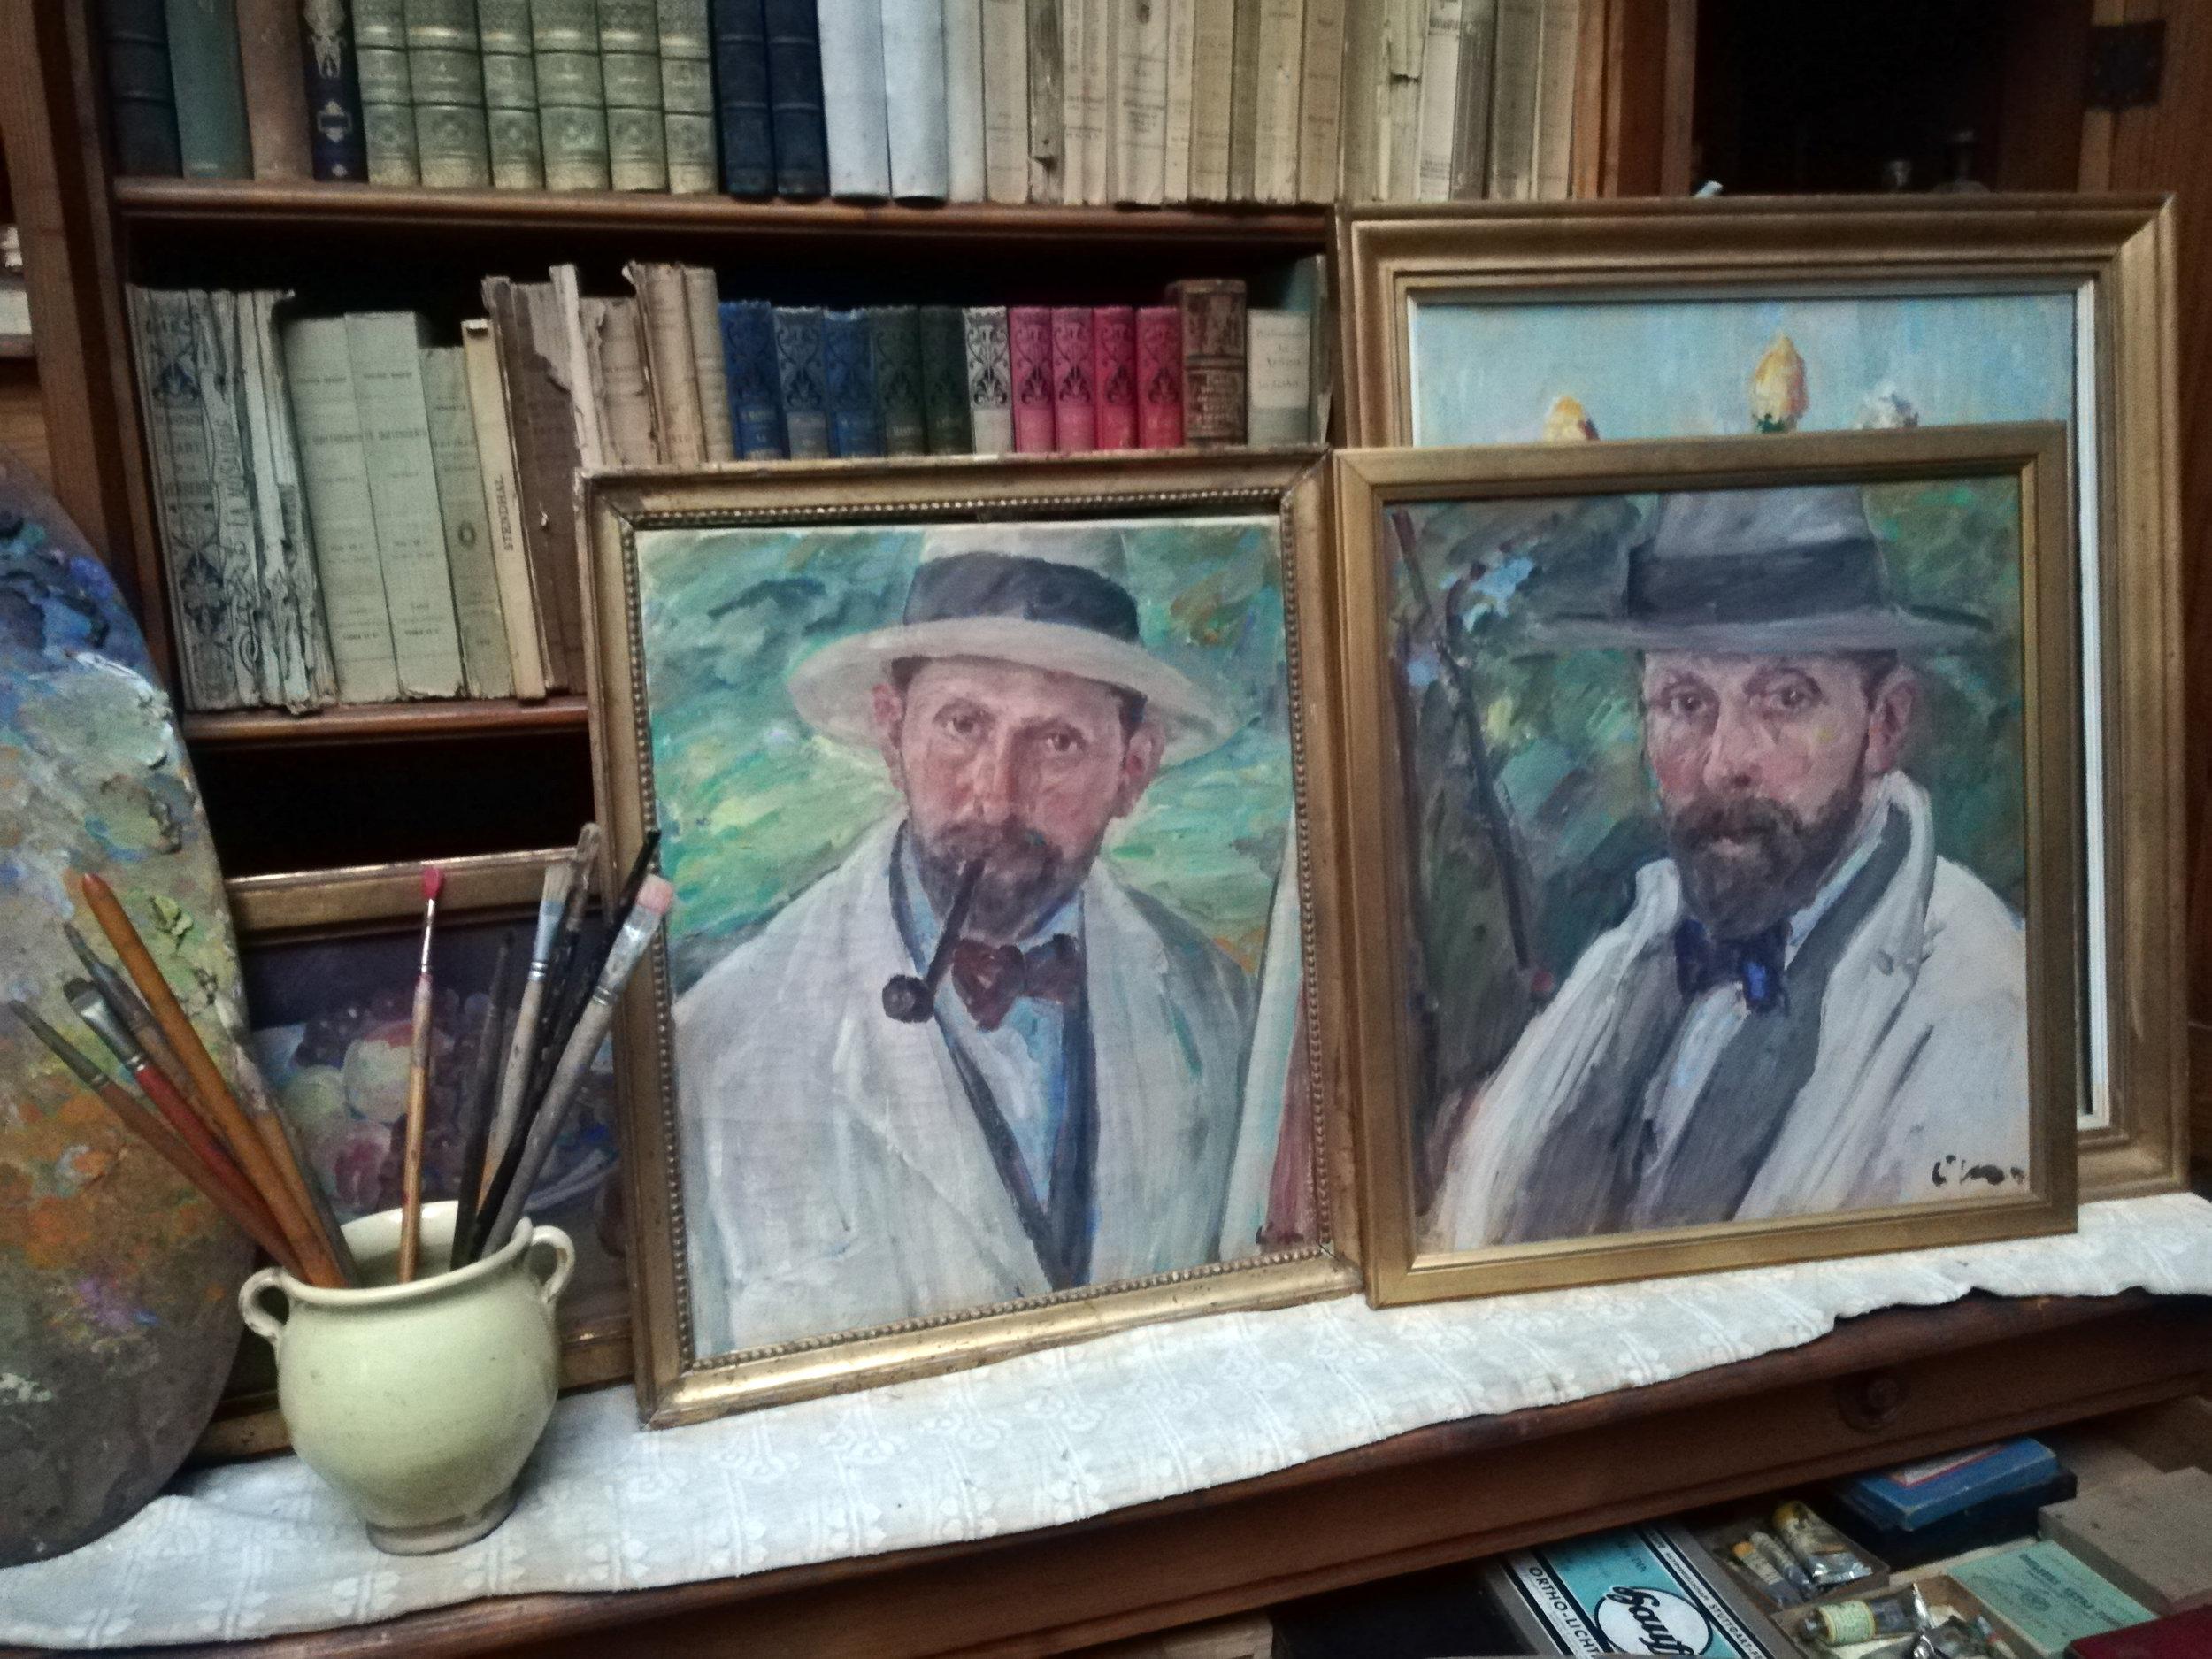 Deux autoportraits du peintre, posés à côté de ses pinceaux et de sa palette, le tiroir du meuble spécialement conçu par Louis de Meuron recelant ses couleurs.